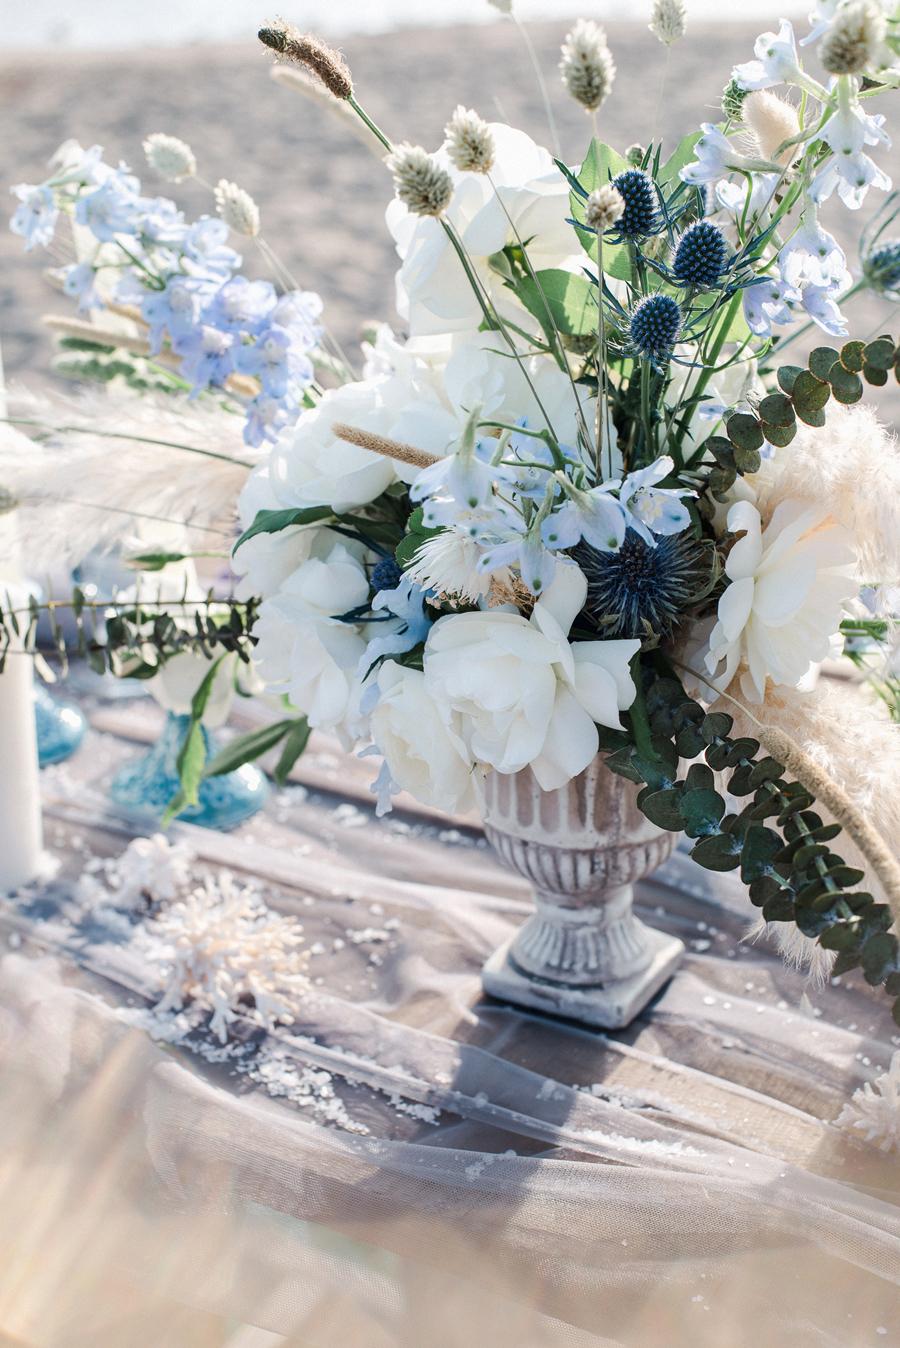 centrotavola bianco e azzurro